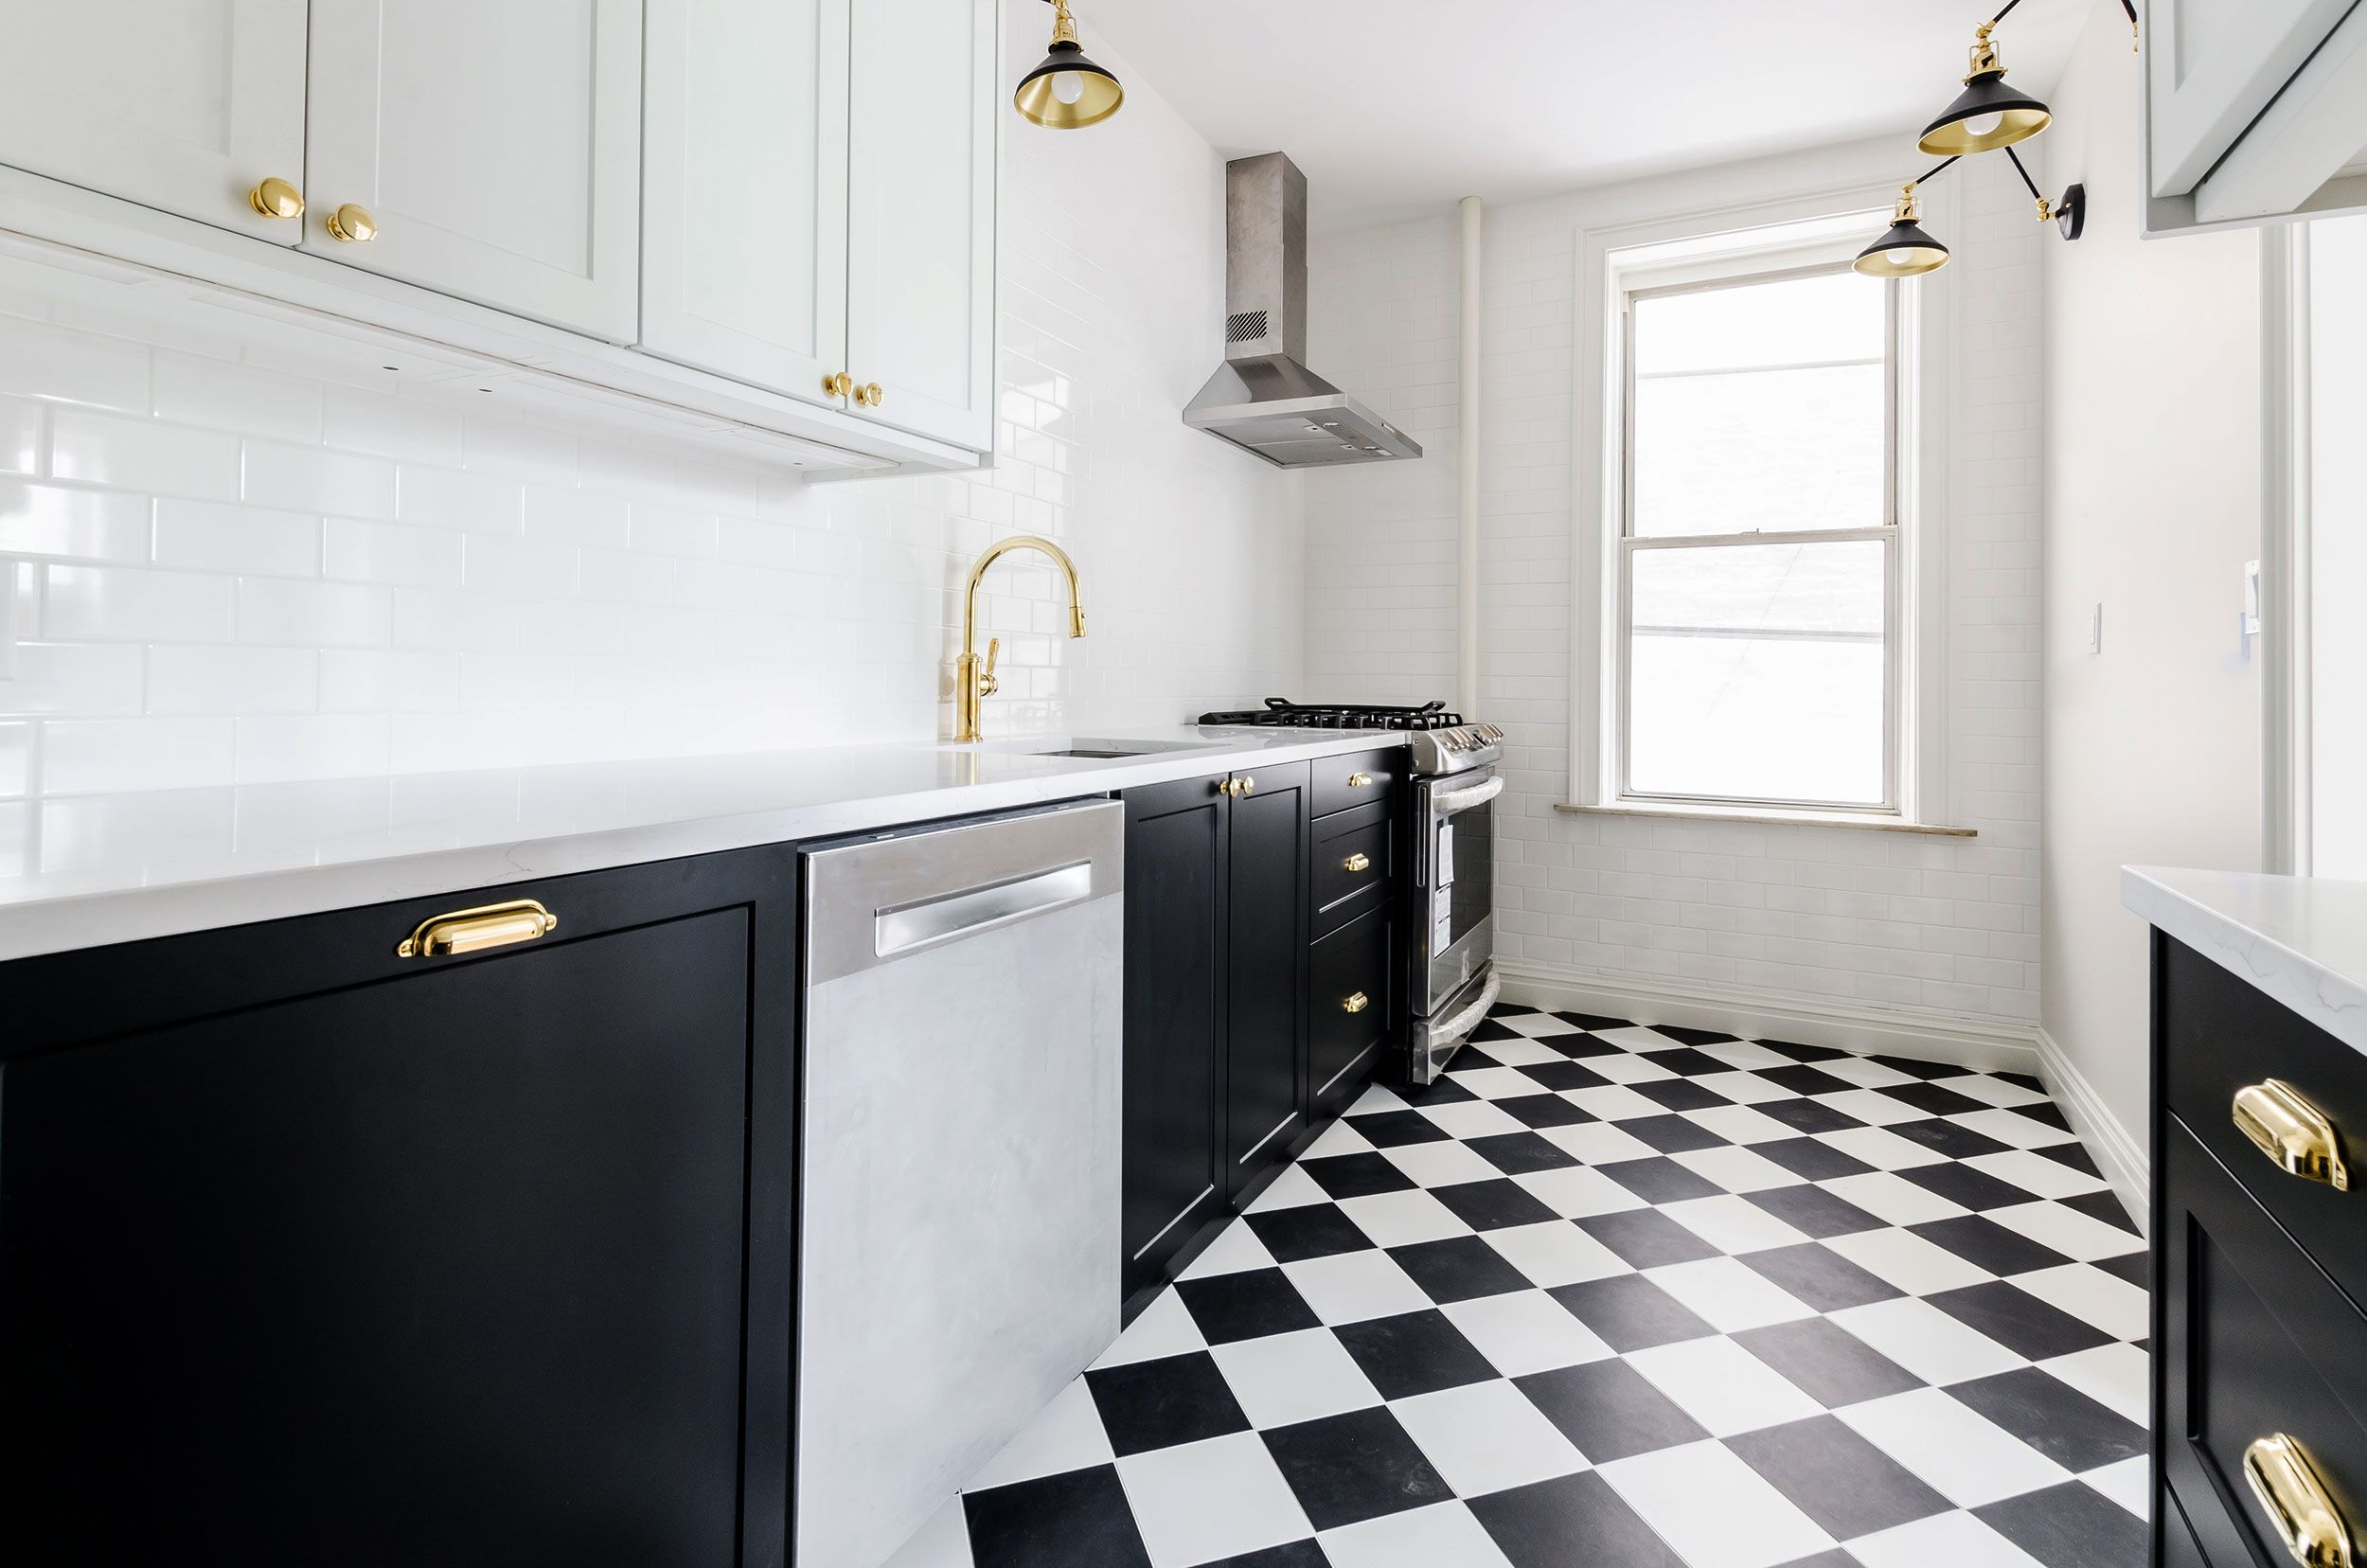 Schwarze Fliesen in der Küche in 2020